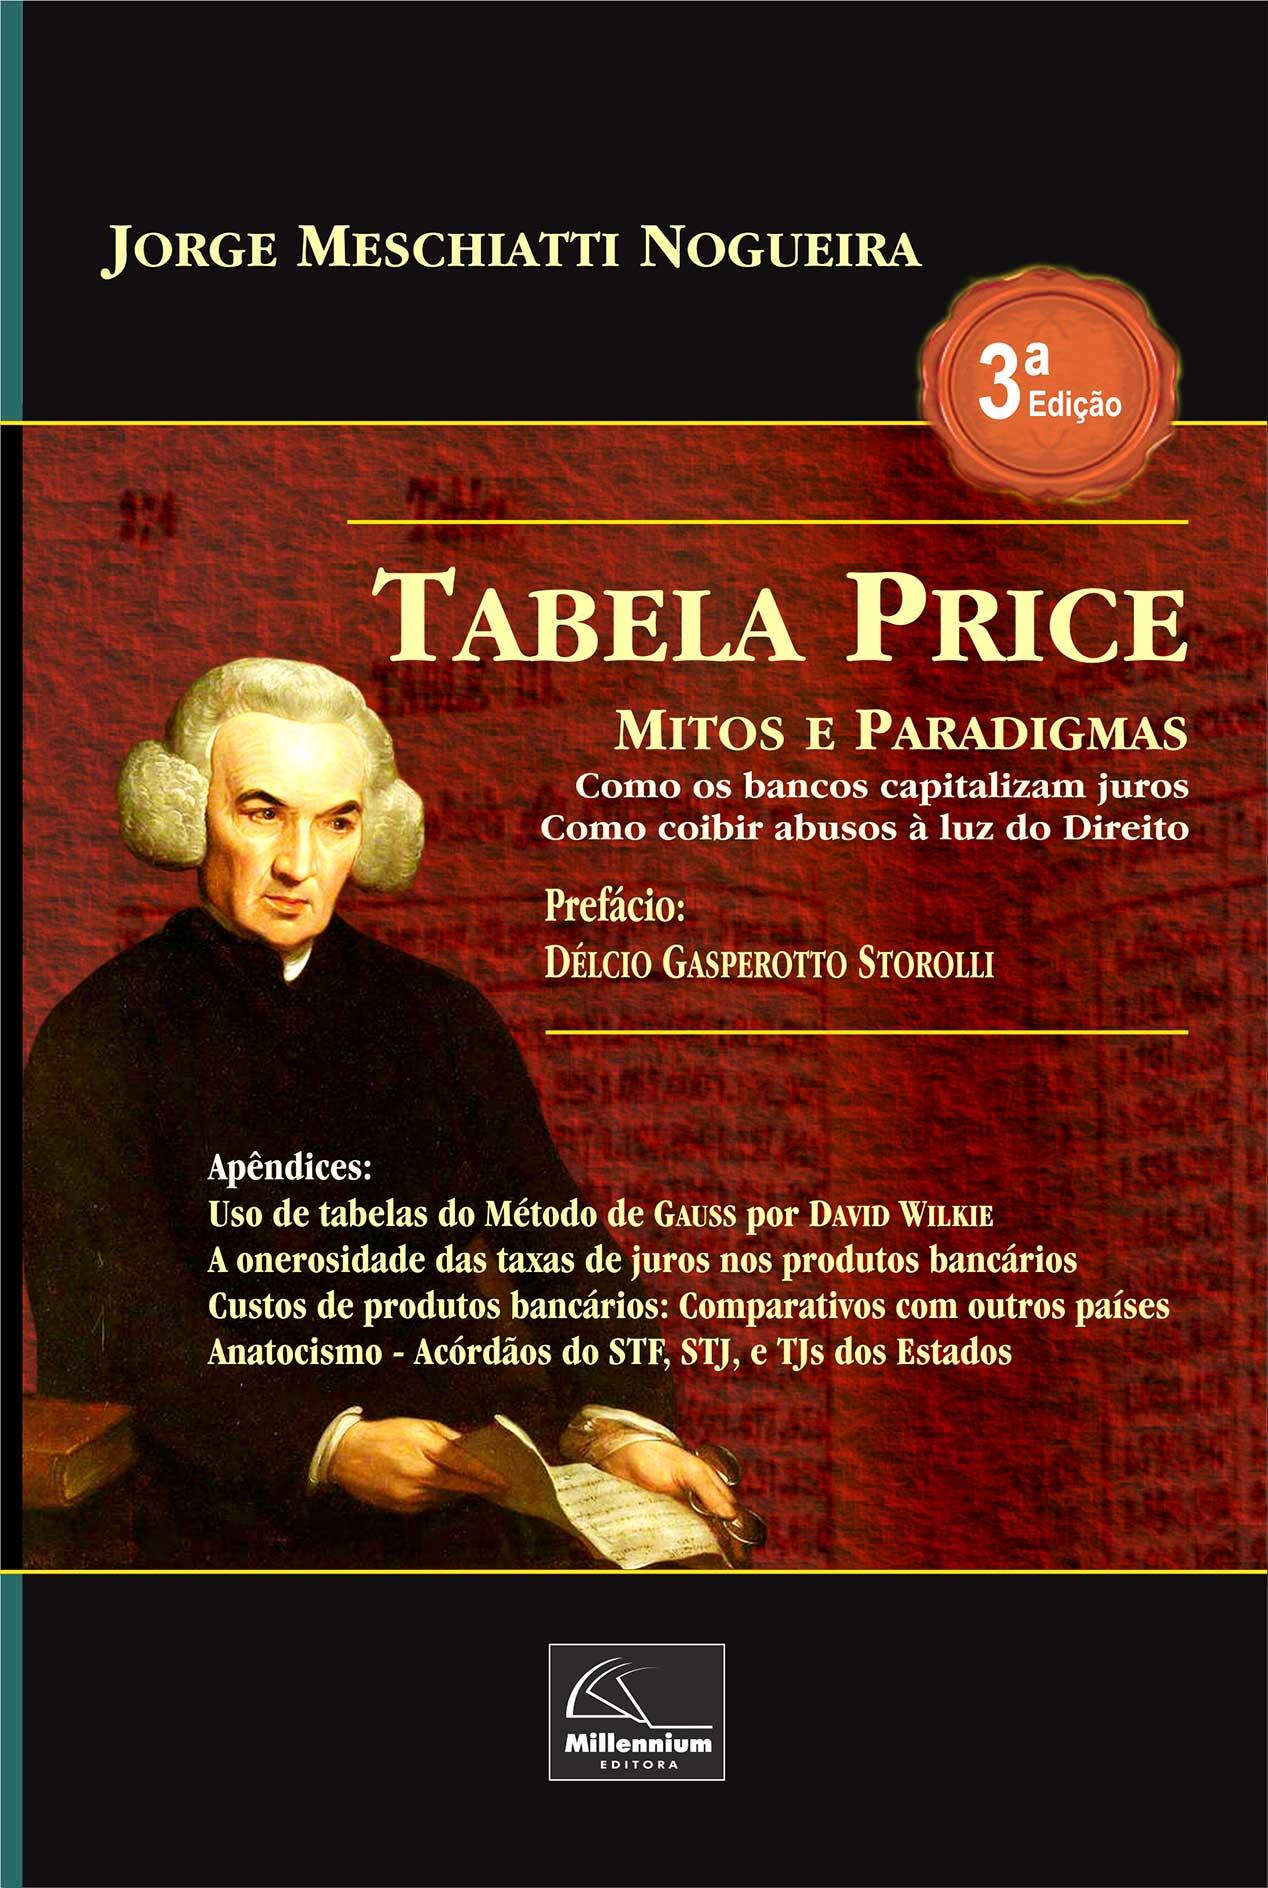 Tabela Price – Mitos e Paradigmas 3ª Edição <b>Autor: José Jorge Meschiatti Nogueira</b>  - Millennium Editora - Livros de Perícia